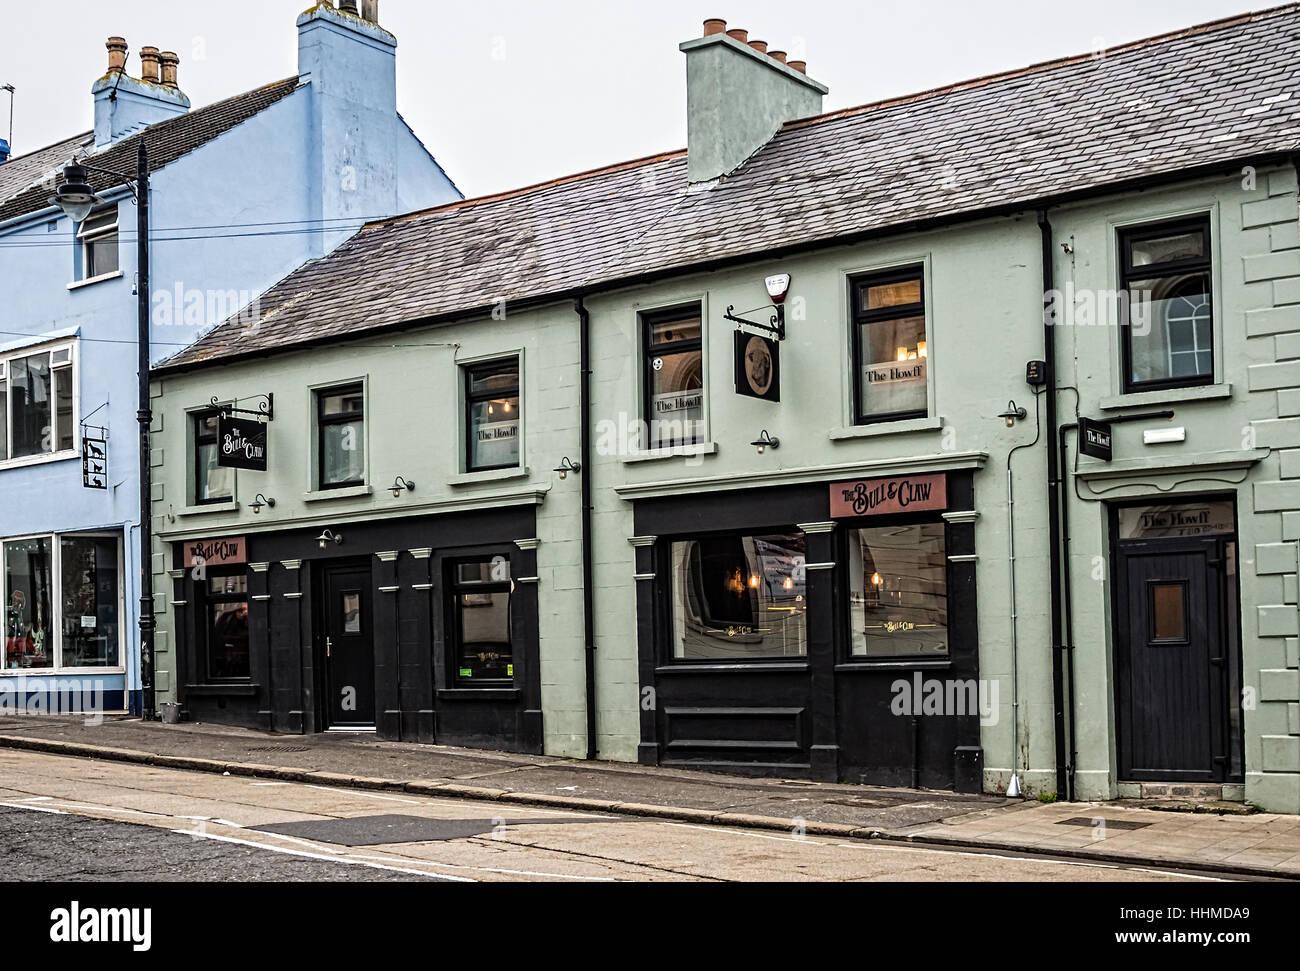 The Bull & Claw bistro pub - Stock Image